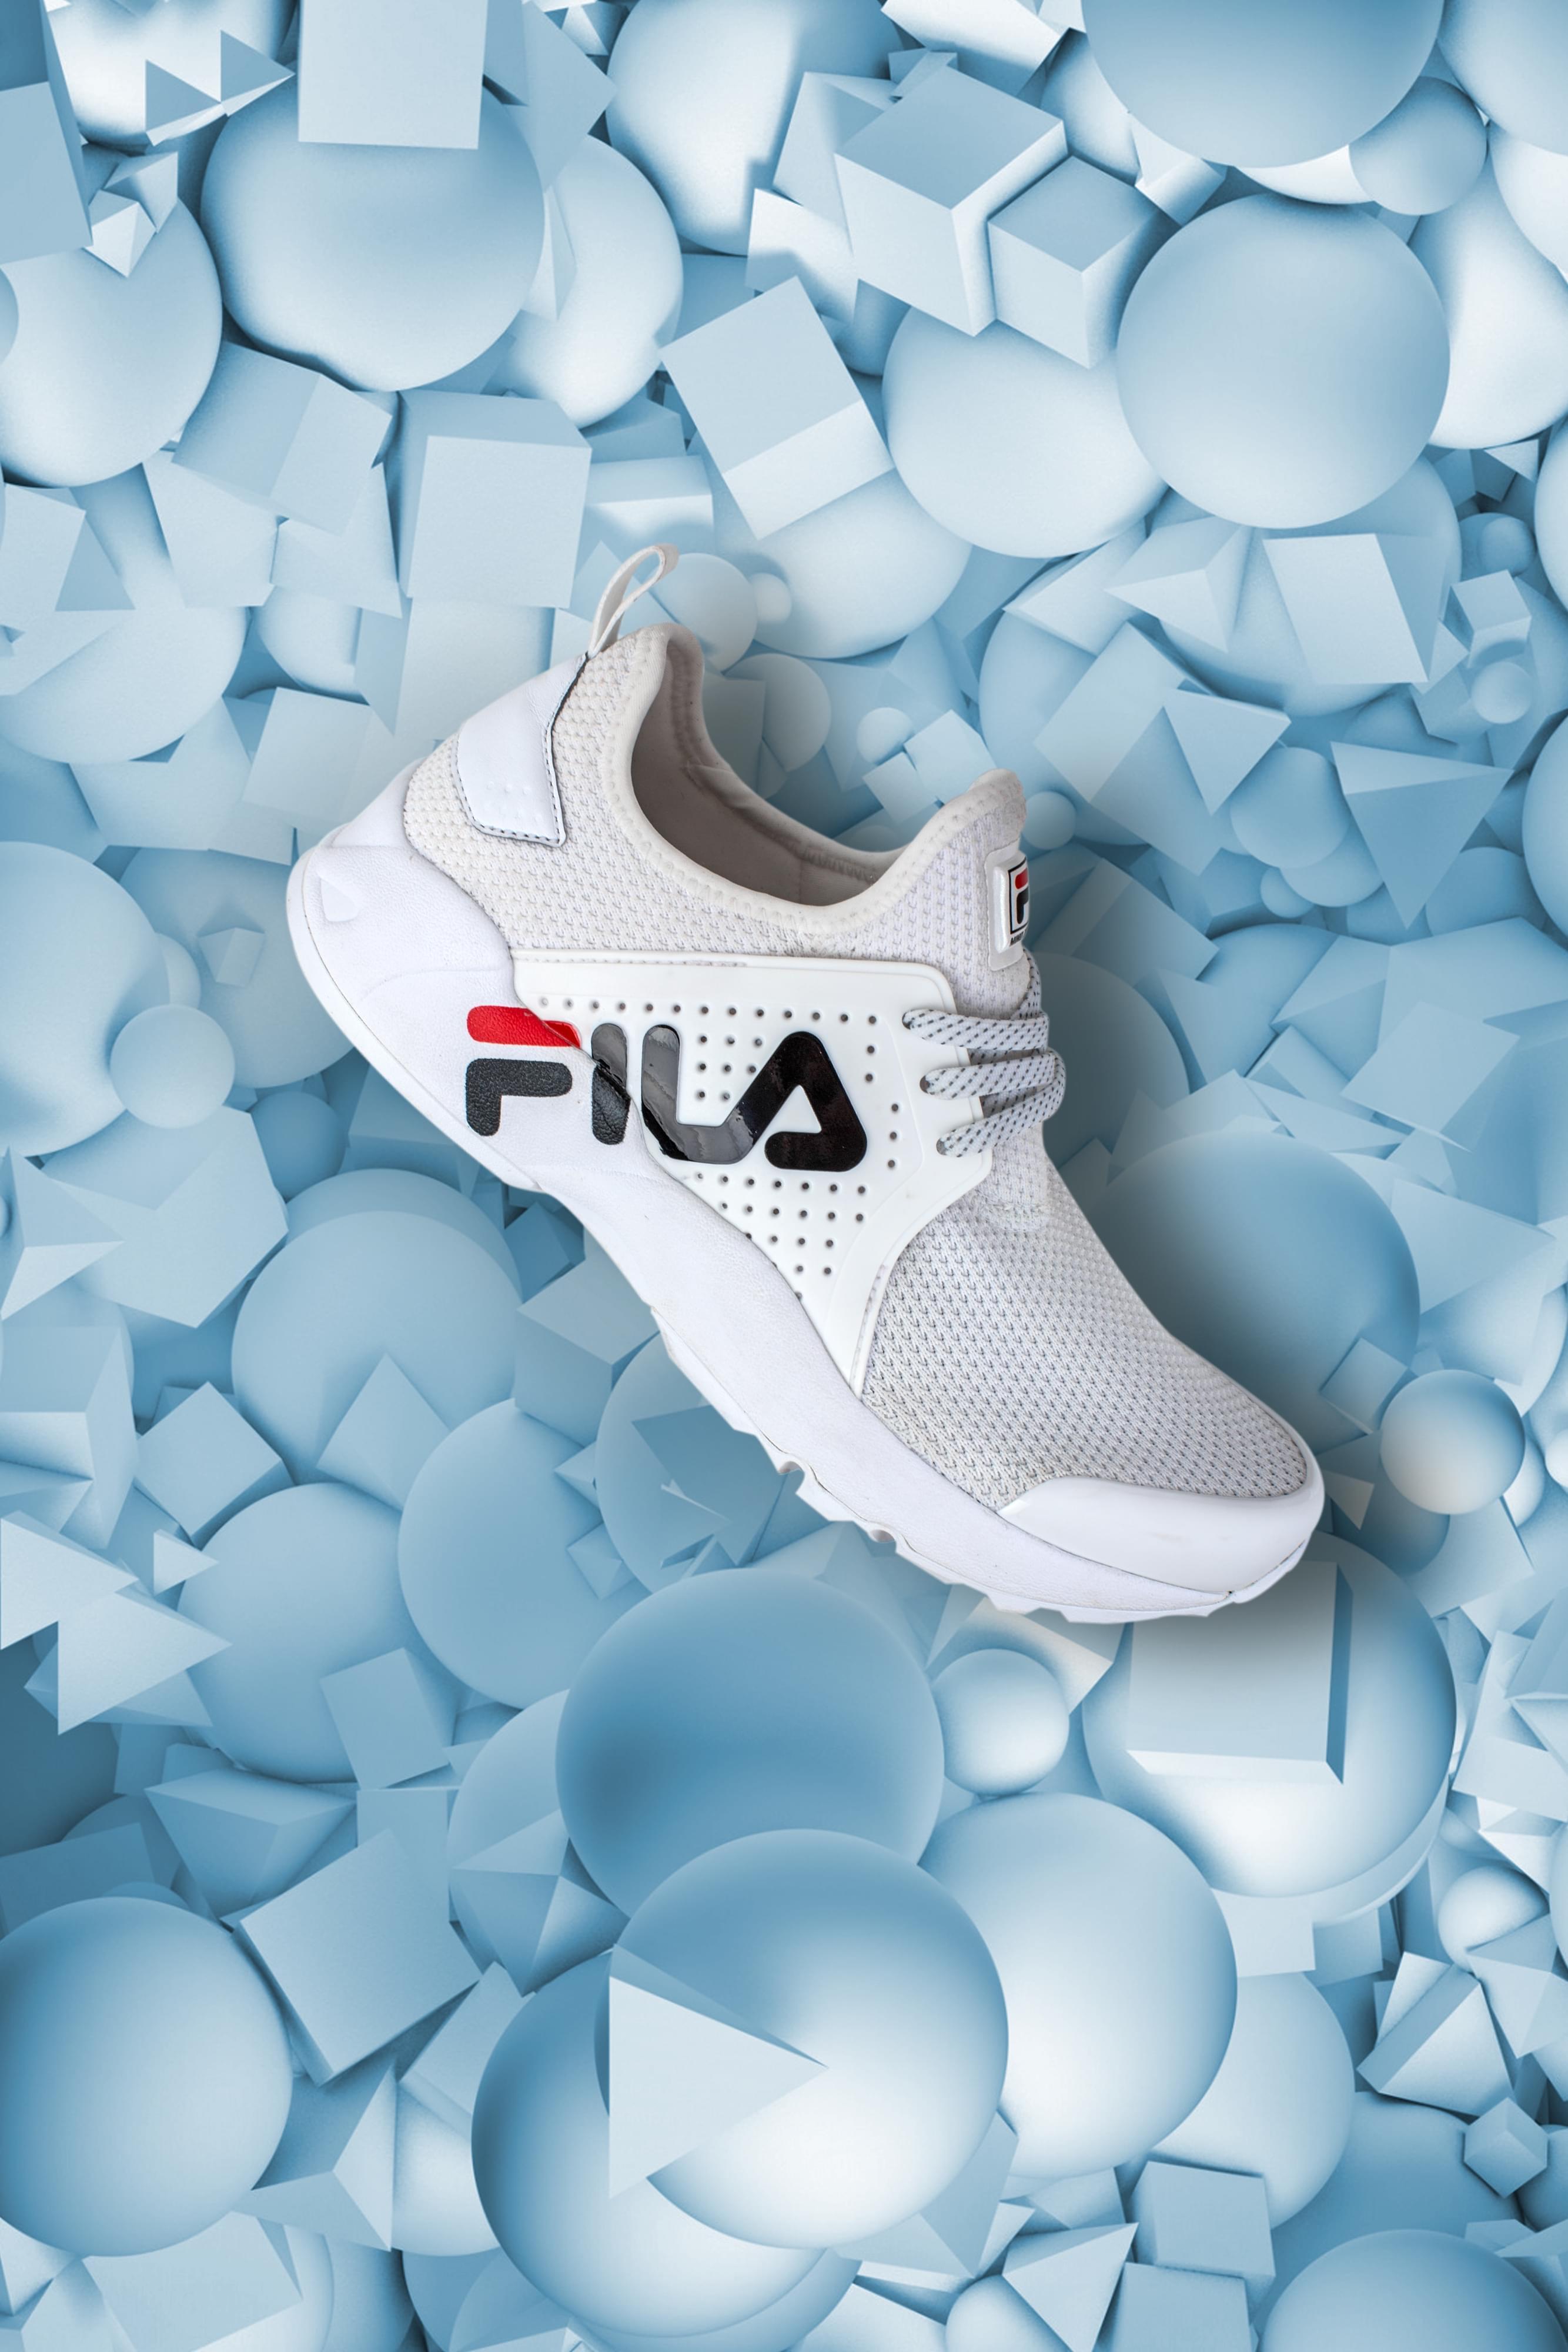 复古运动鞋在夏季怎么玩出新高度?